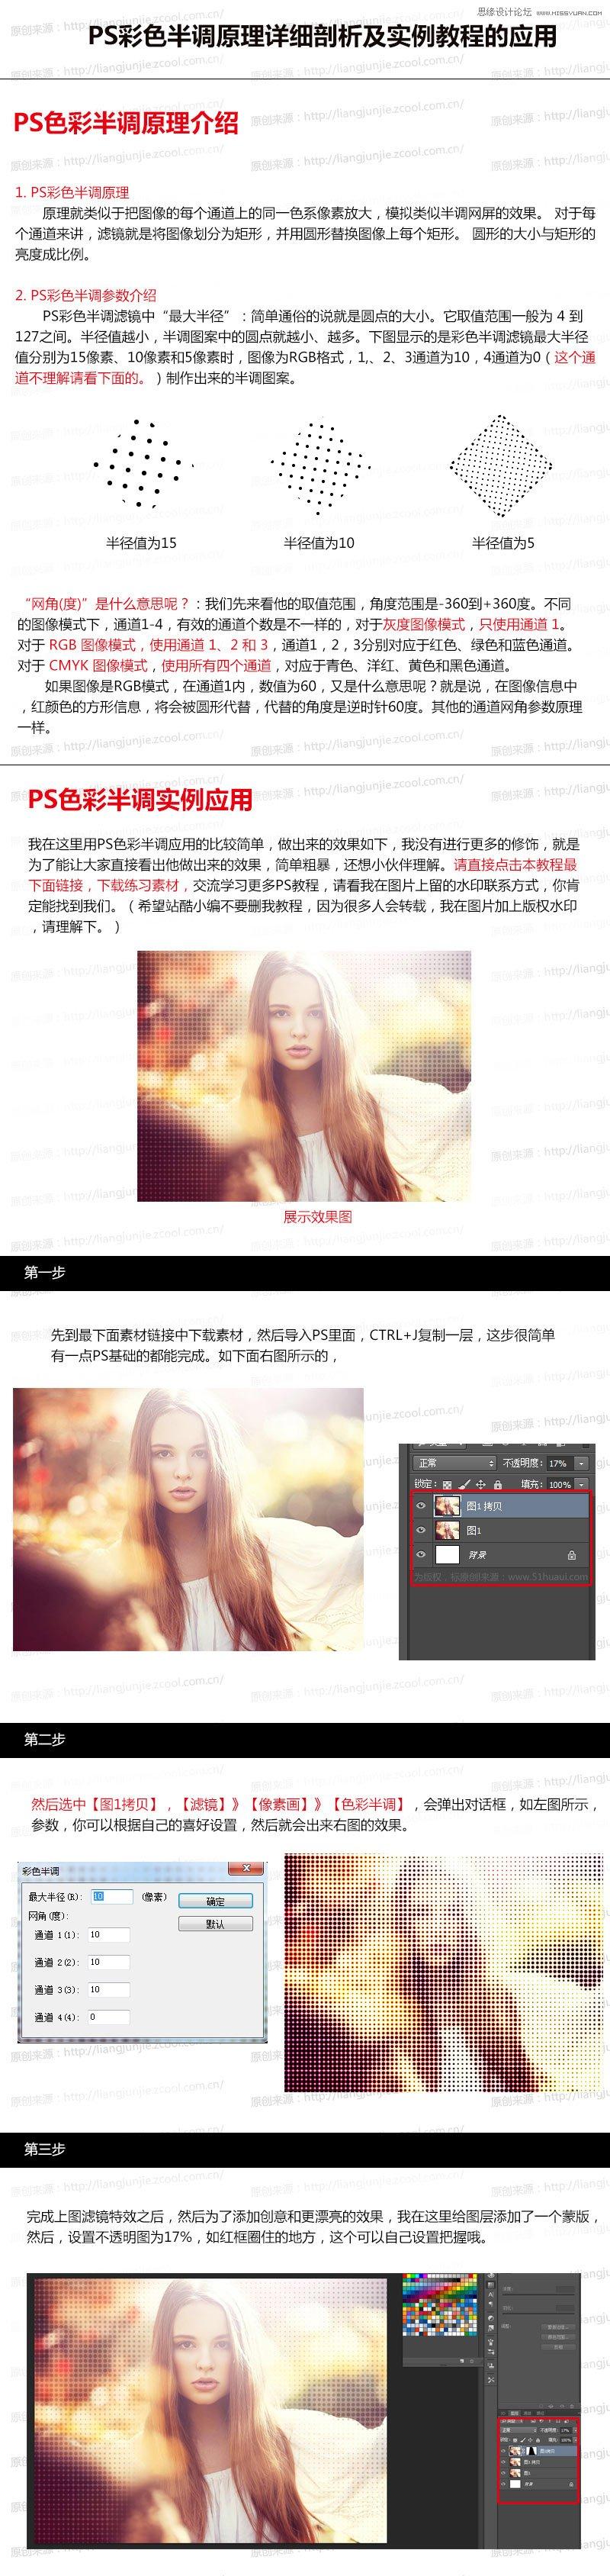 详细解析Photoshop色彩半调在人像合成的应用